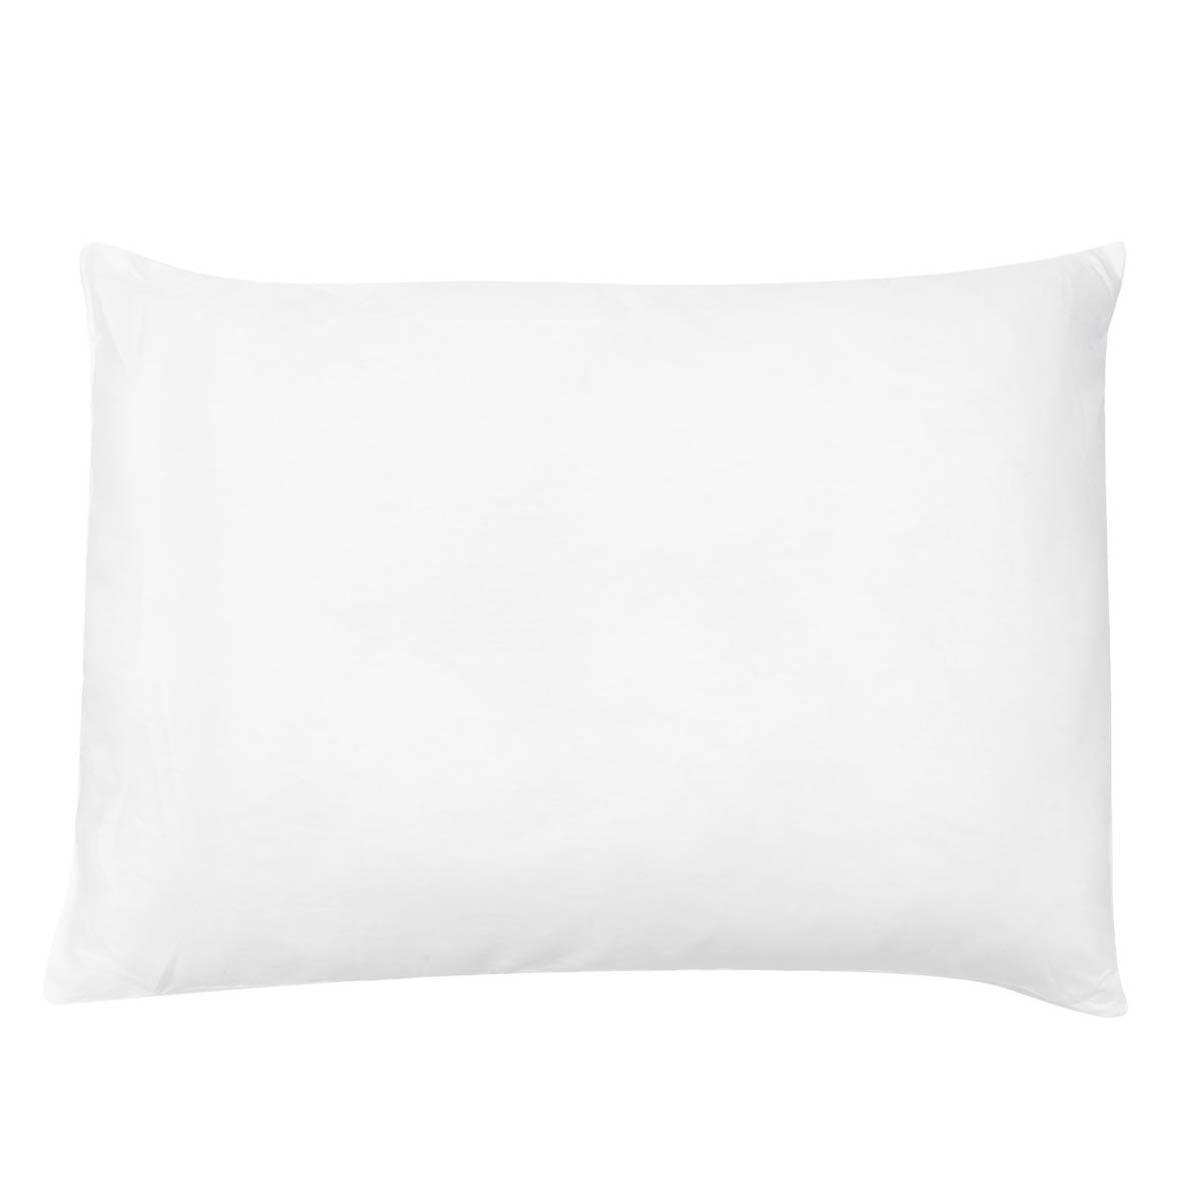 Kit 4 Travesseiros Cotton Plus 180 Fios Rolinho 50X70 Suporte Extra Firme Camesa